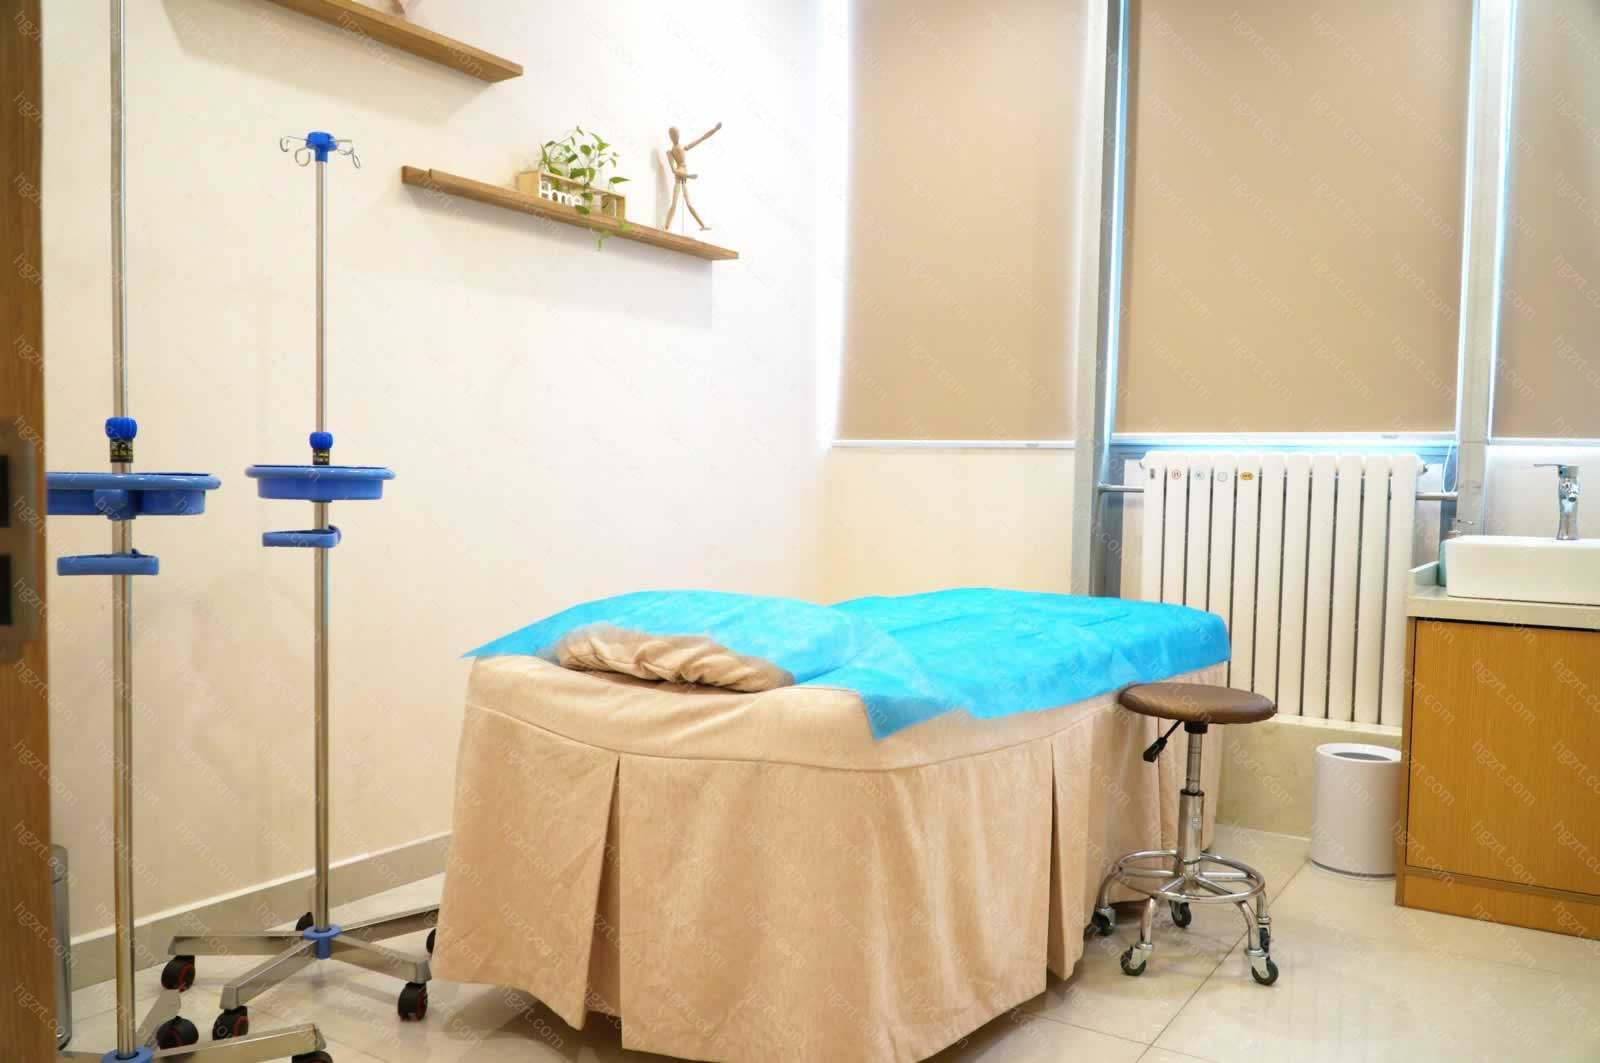 """目前主要开展""""自体脂肪活性移植、年轻化抗衰、高难度眼鼻修复、高端品质植发""""四大知名诊疗项目"""